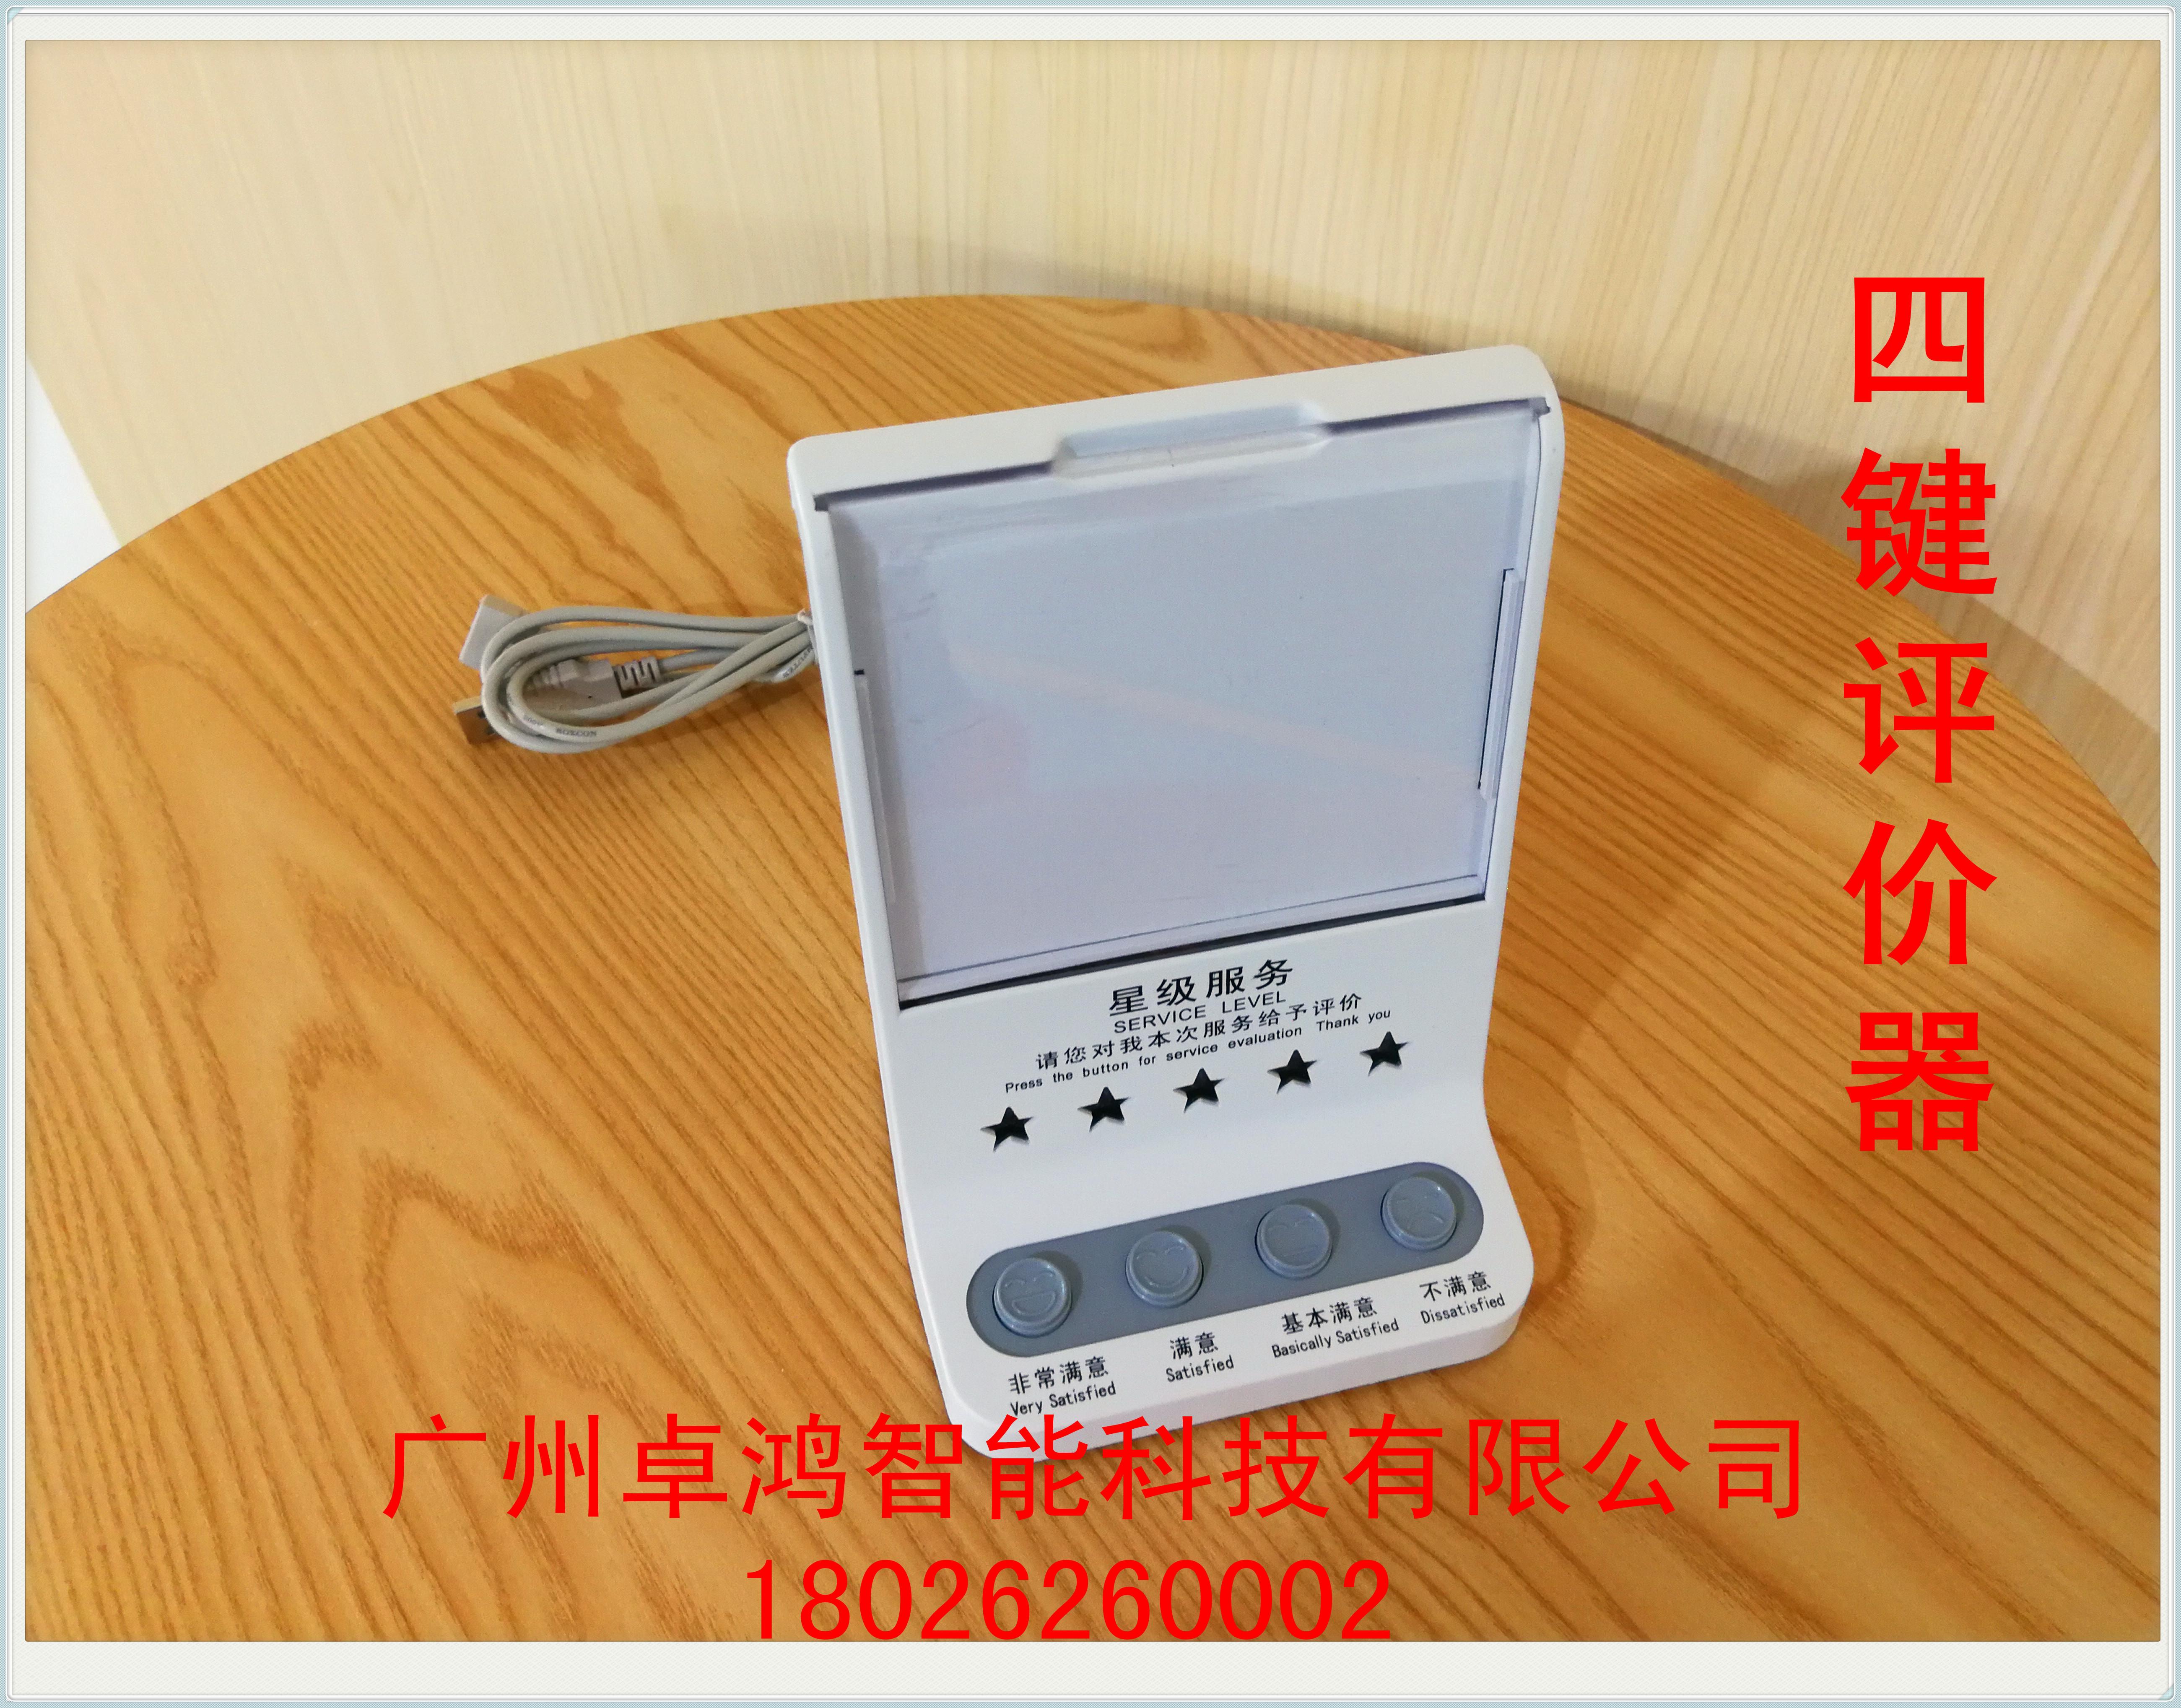 四键评价器评价器生产商液晶电子评价器按键评价器